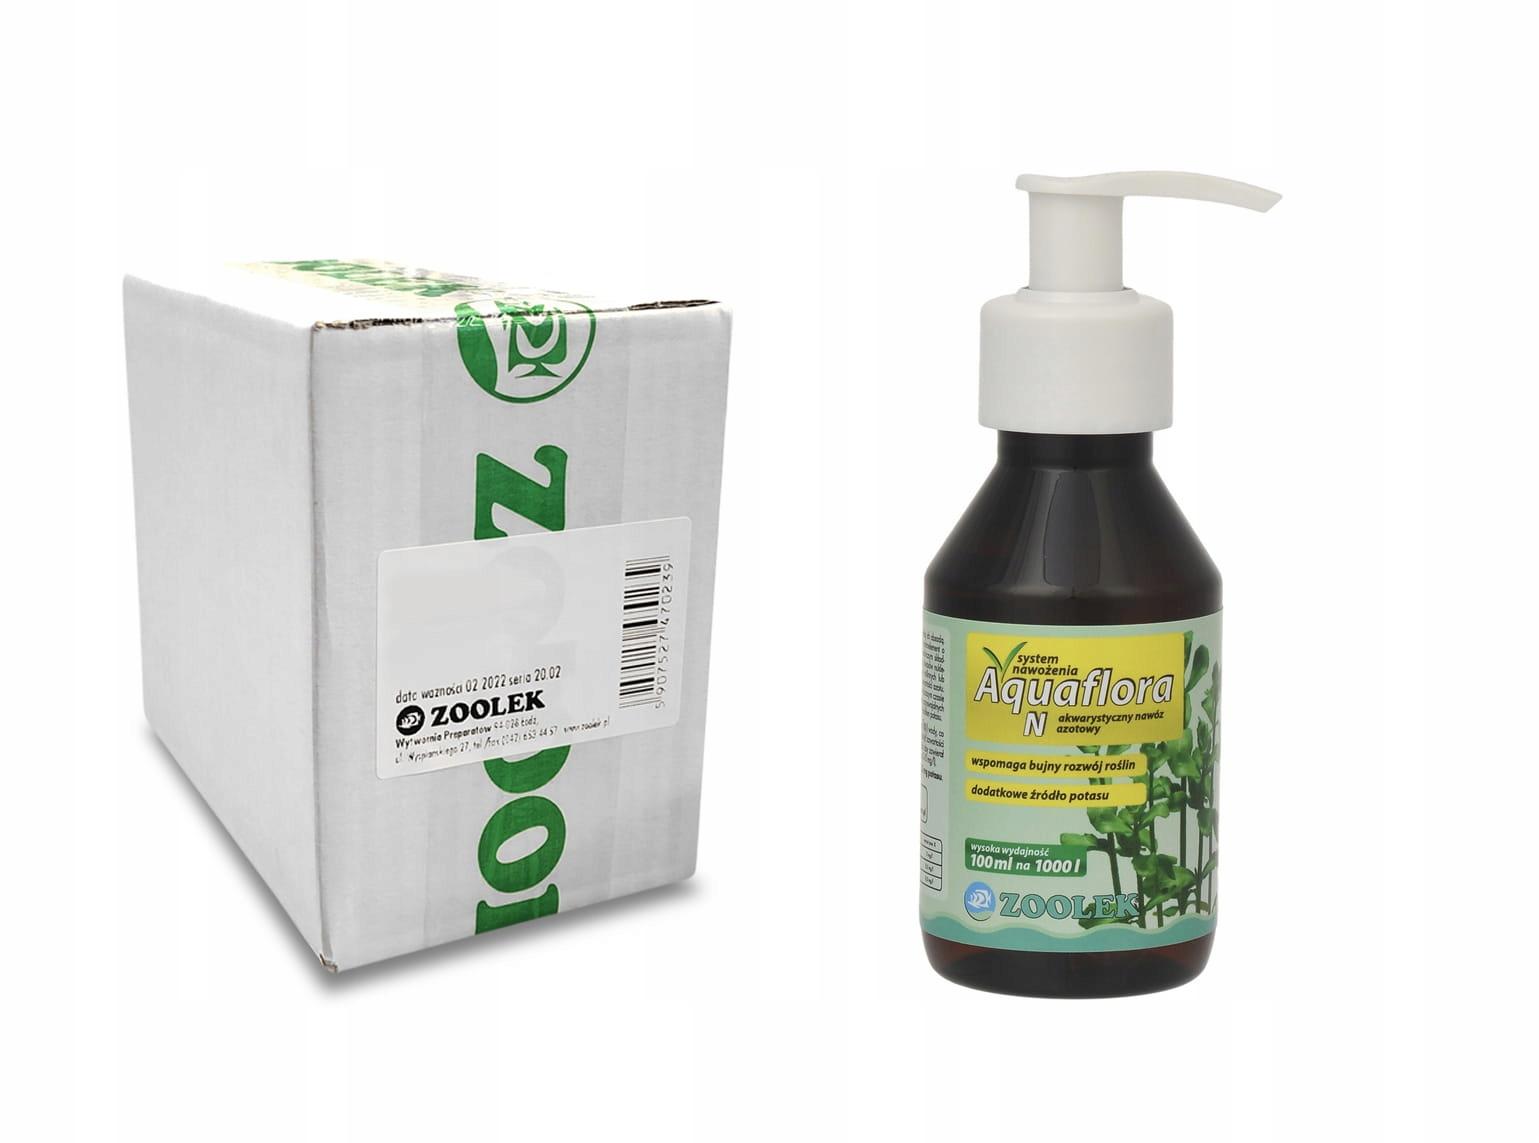 ZOOLEK Aquaflora N 100 ml PK mačka. zb.6 Ks.